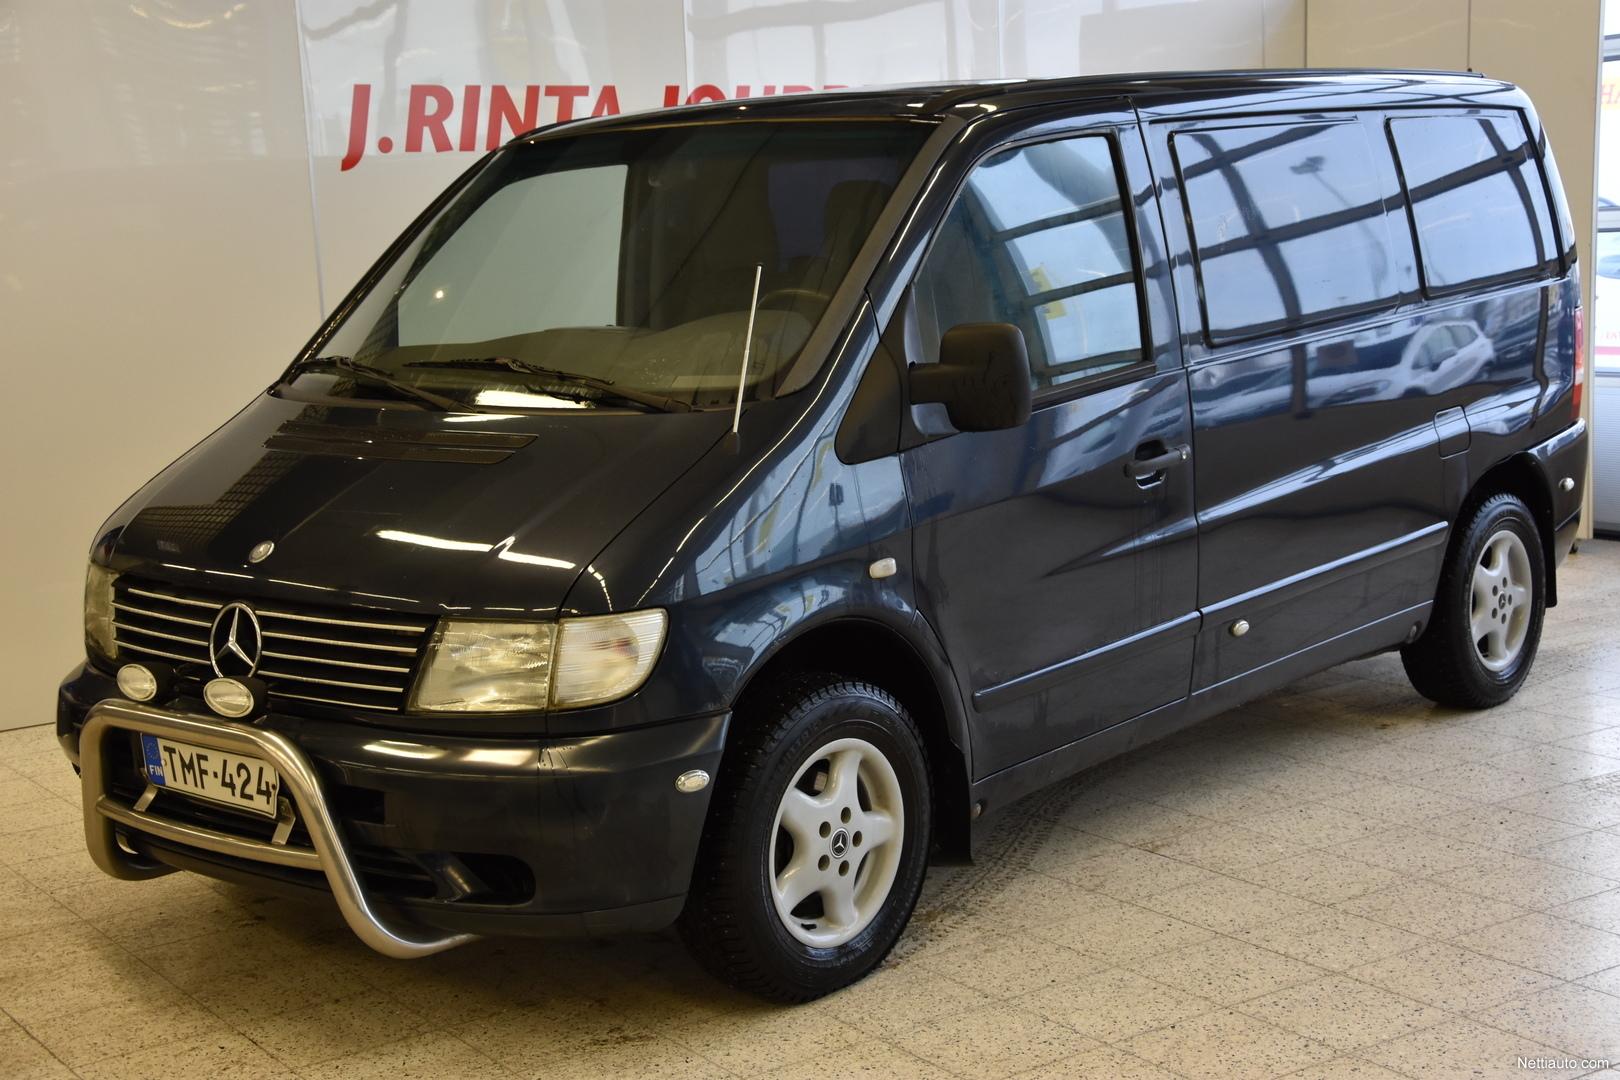 Mercedes-Benz Vito 112 CDI-638094-KASTEN 2002 - Vaihtoauto ...